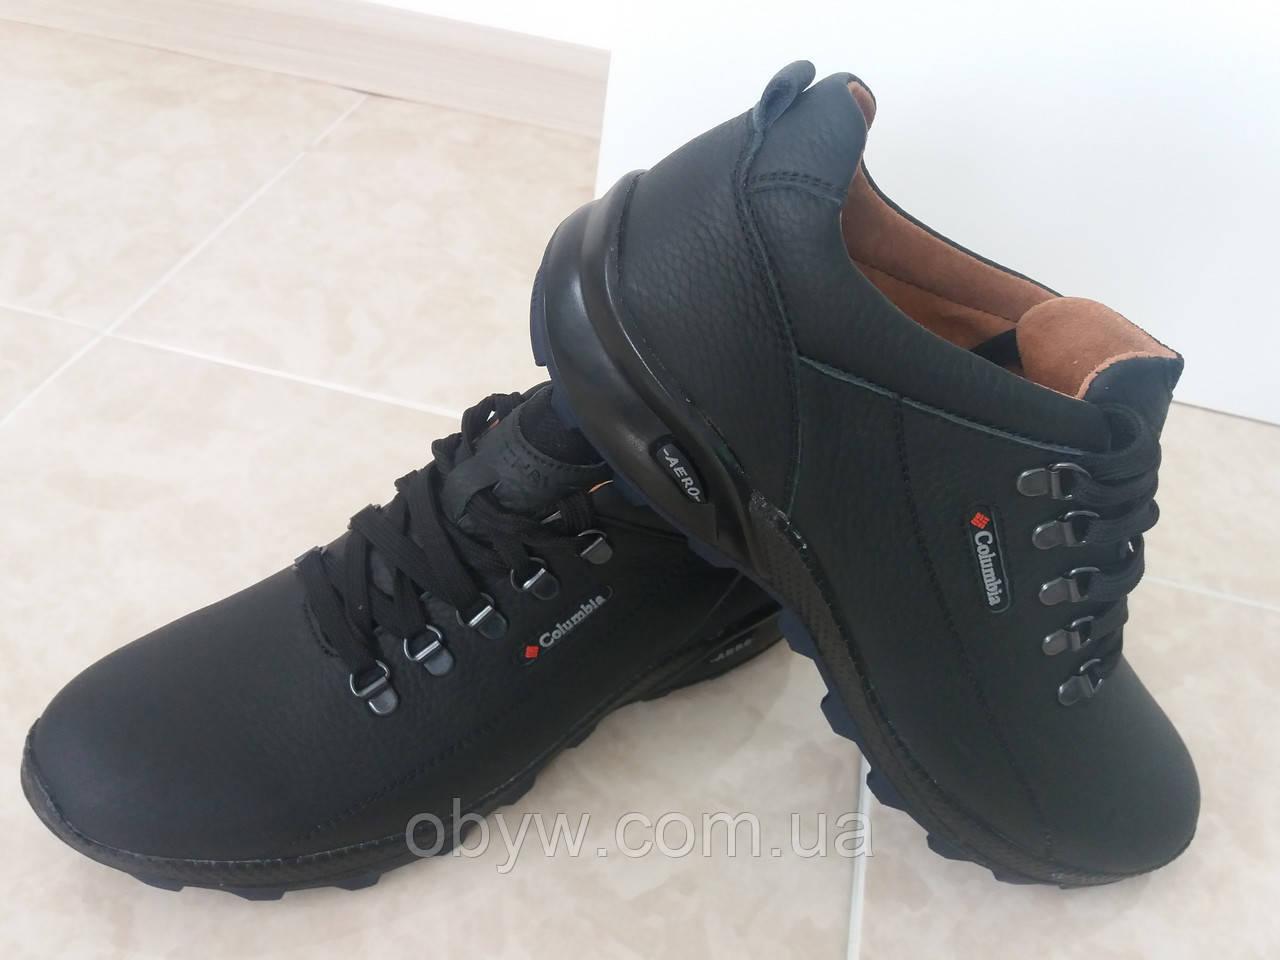 149ab8e4fc37 Кожаная мужская обувь Columbia n 67 - ОБУВЬ КУРТКИ В НАЛИЧИИ И ЦЕНЫ  АКТУАЛЬНЫ в Днепре